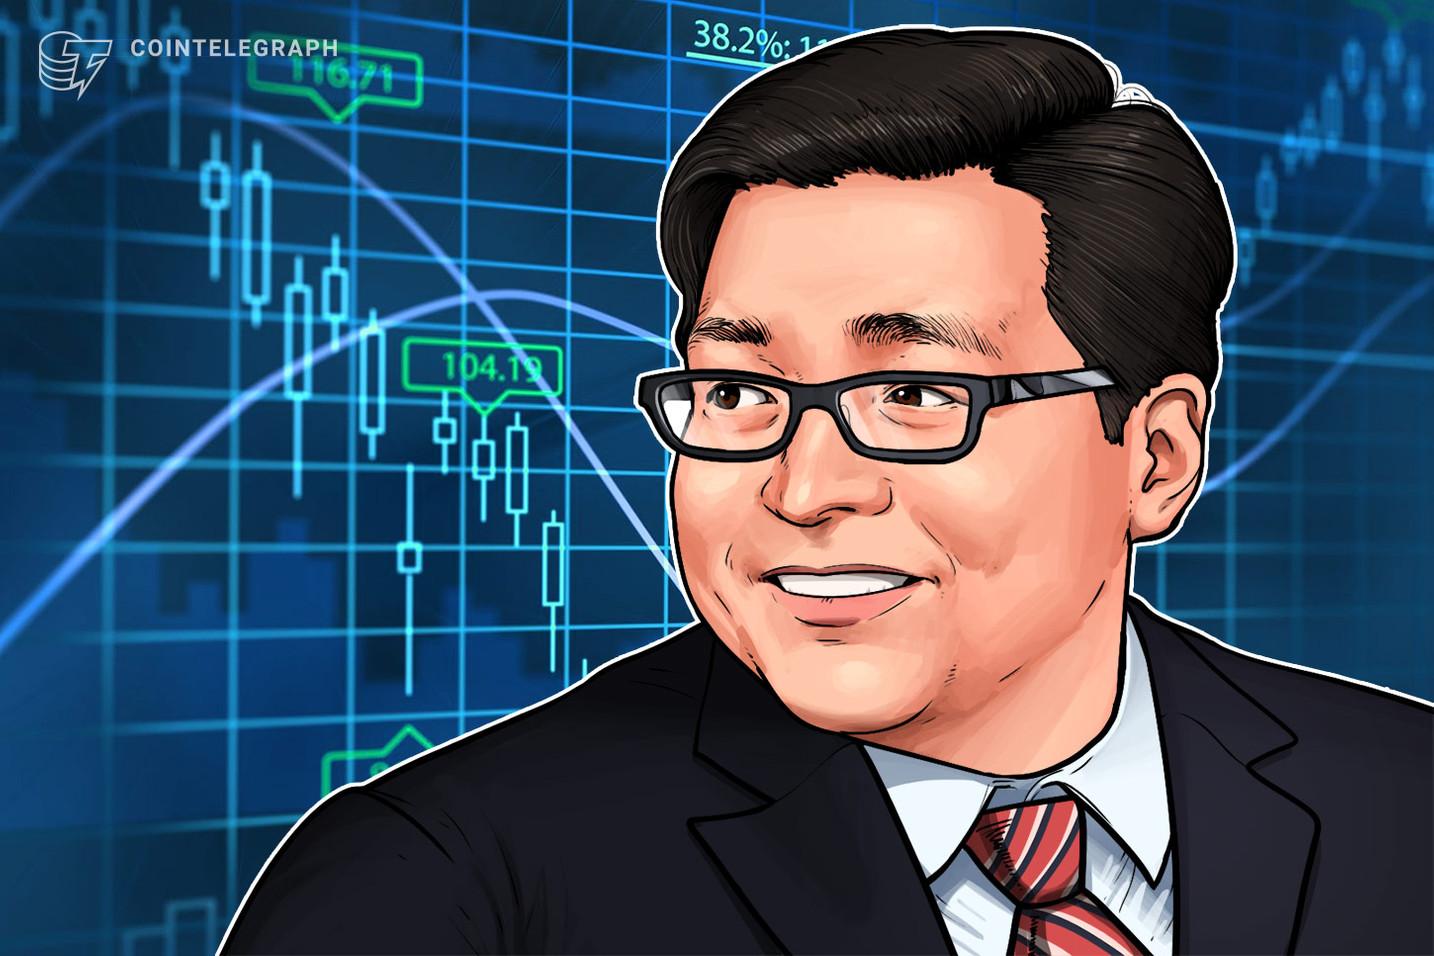 「ビットコイン買うなら今」10年後に10億円も  トム・リー氏がコインテレグラフに語った大胆予想とは